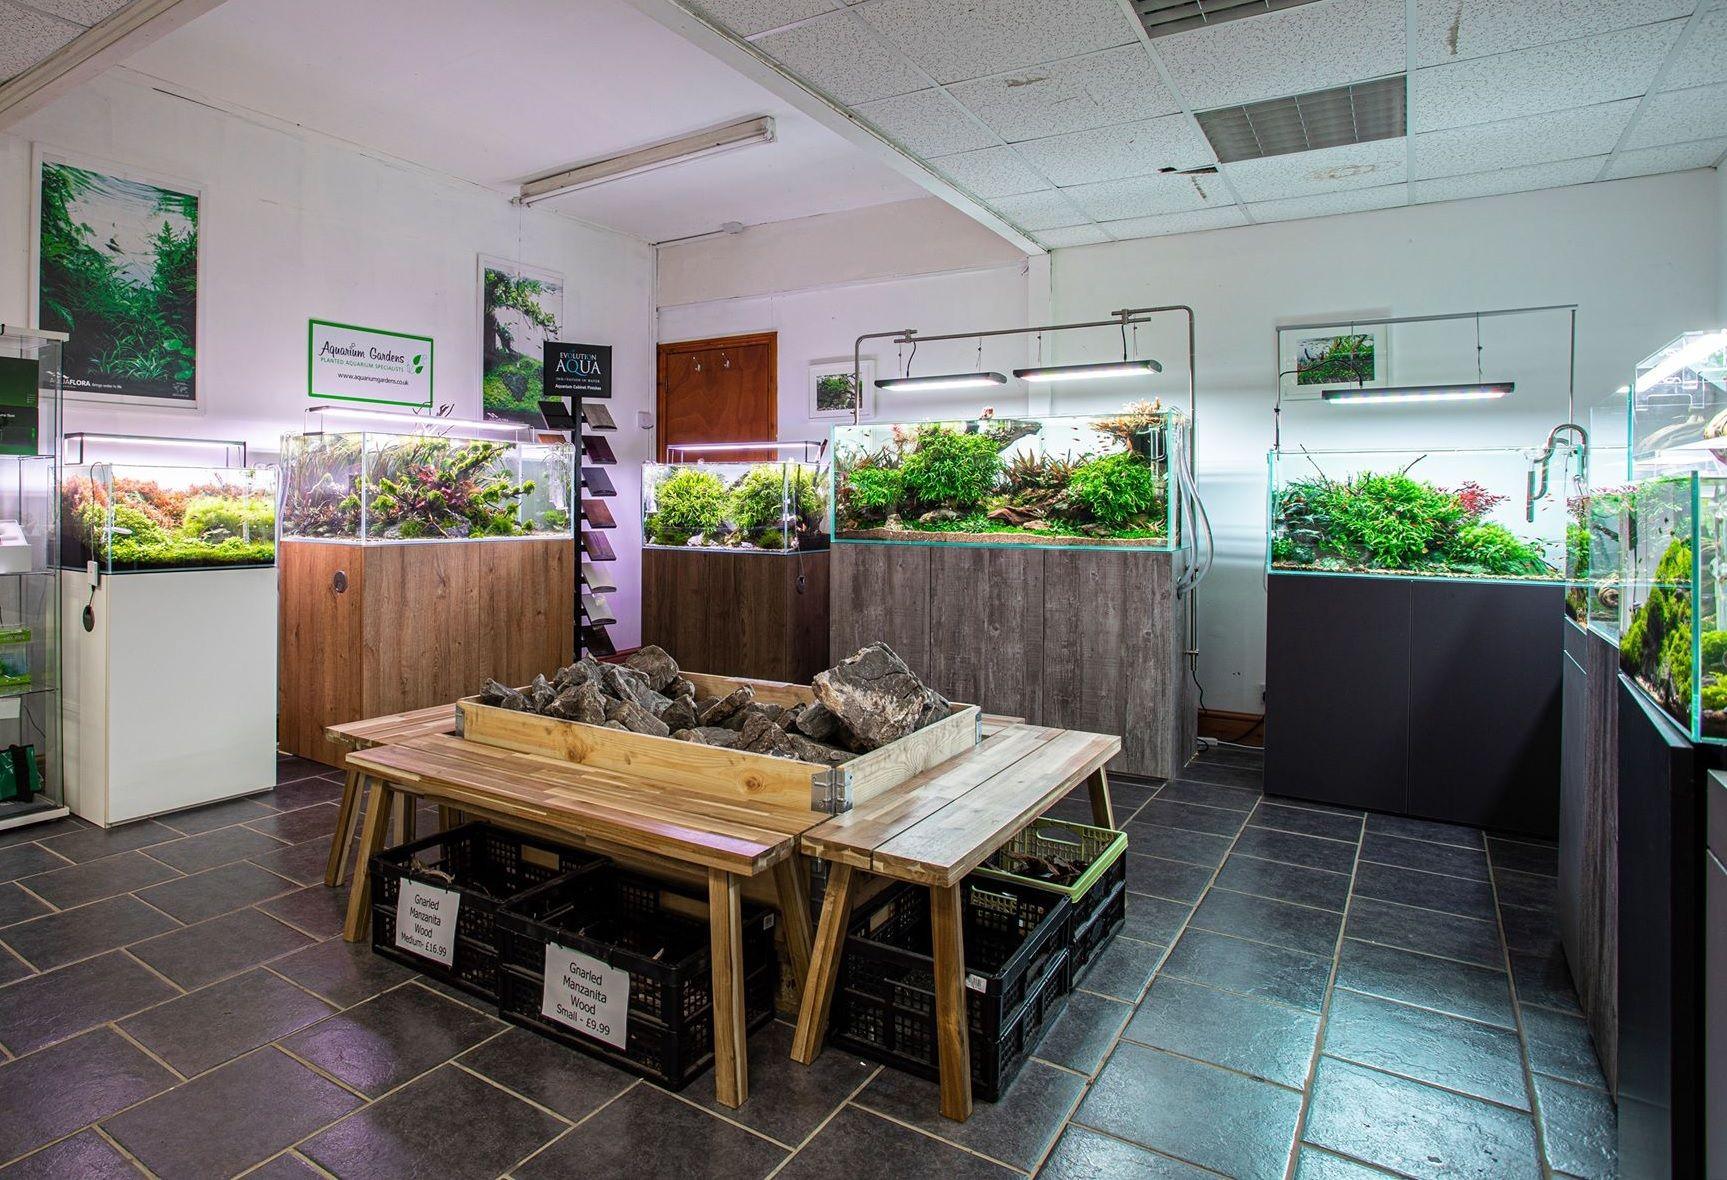 aquarium-gardens-aquascape-showroom-overview.jpg